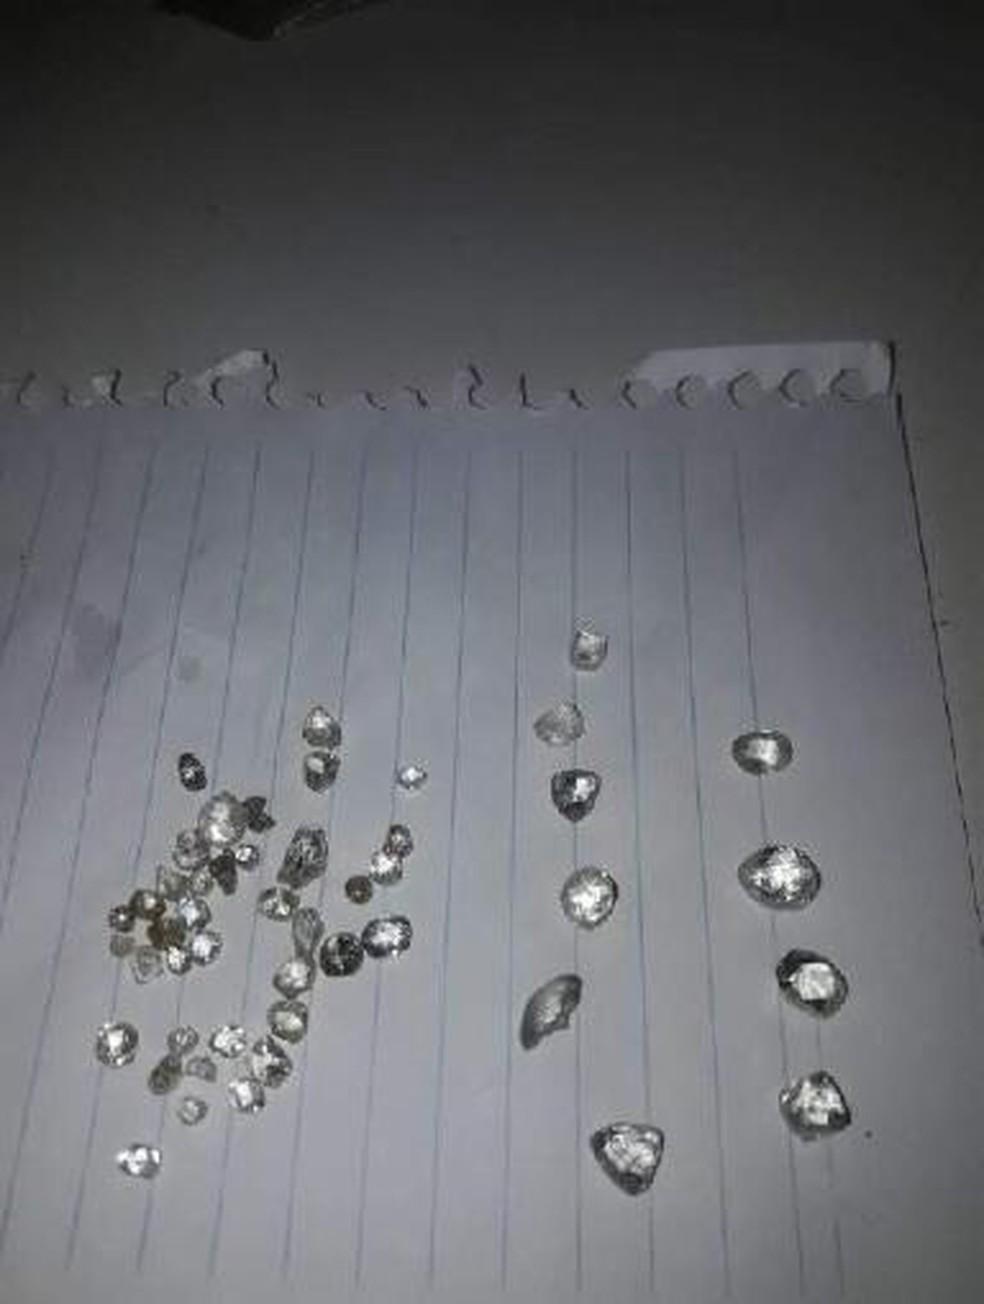 Pedras de diamantes extraídas de Rondônia eram enviadas e vendidas em outros países — Foto: PF/Divulgação